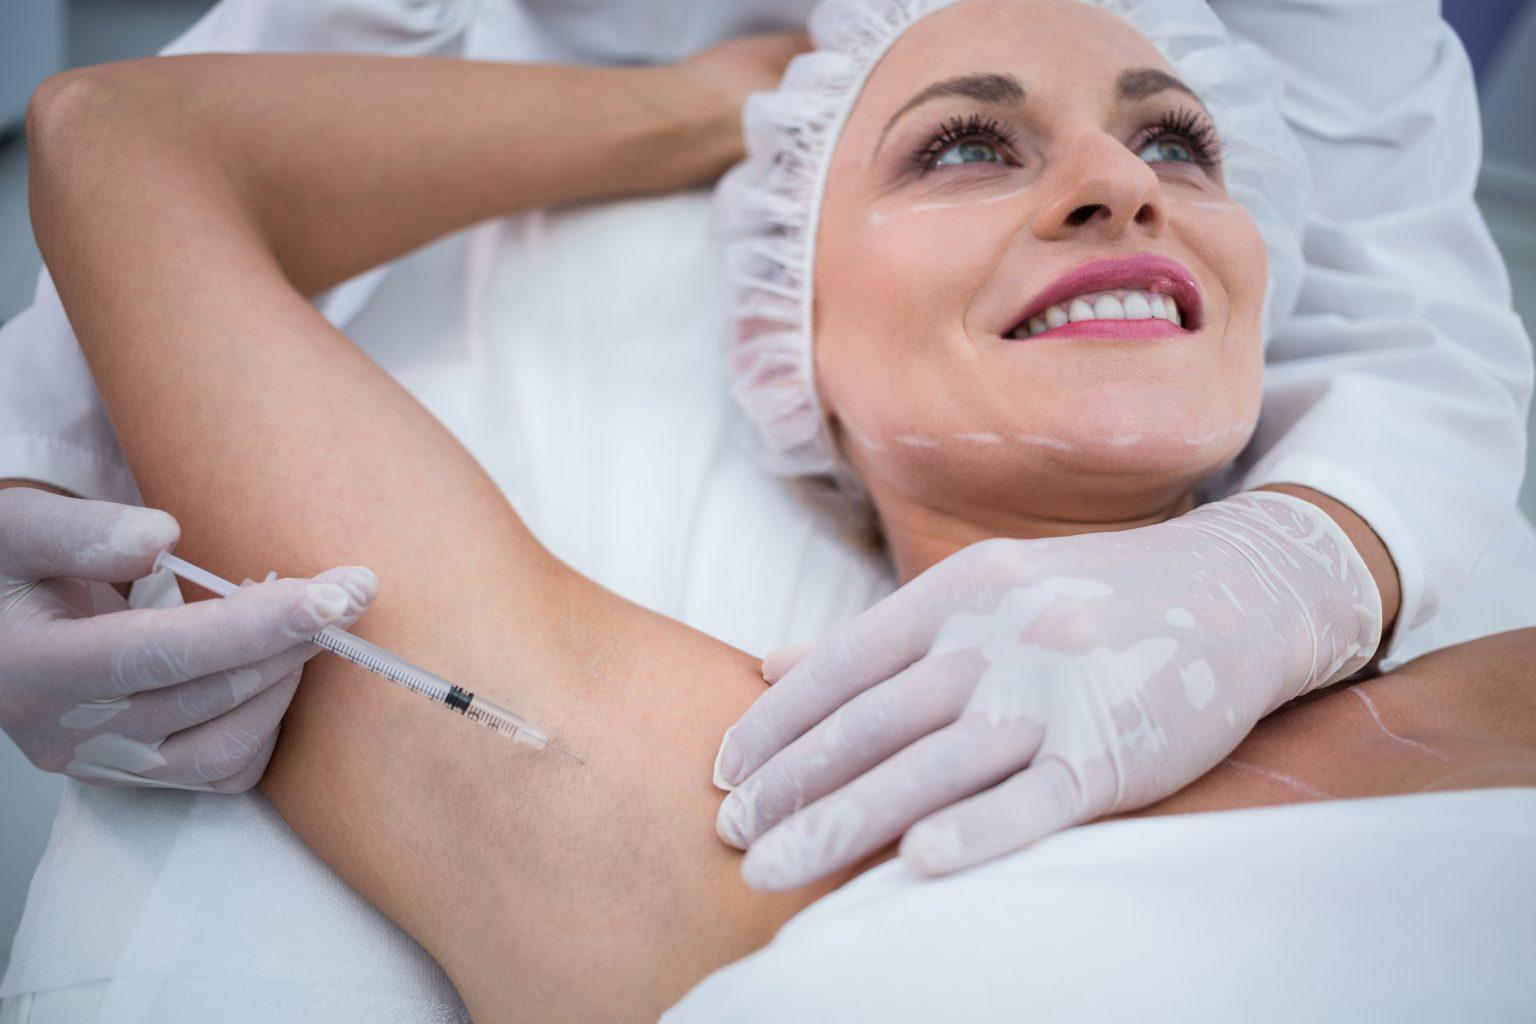 Mujer durante el procedimiento de botox o toxina botulínica en las axilas